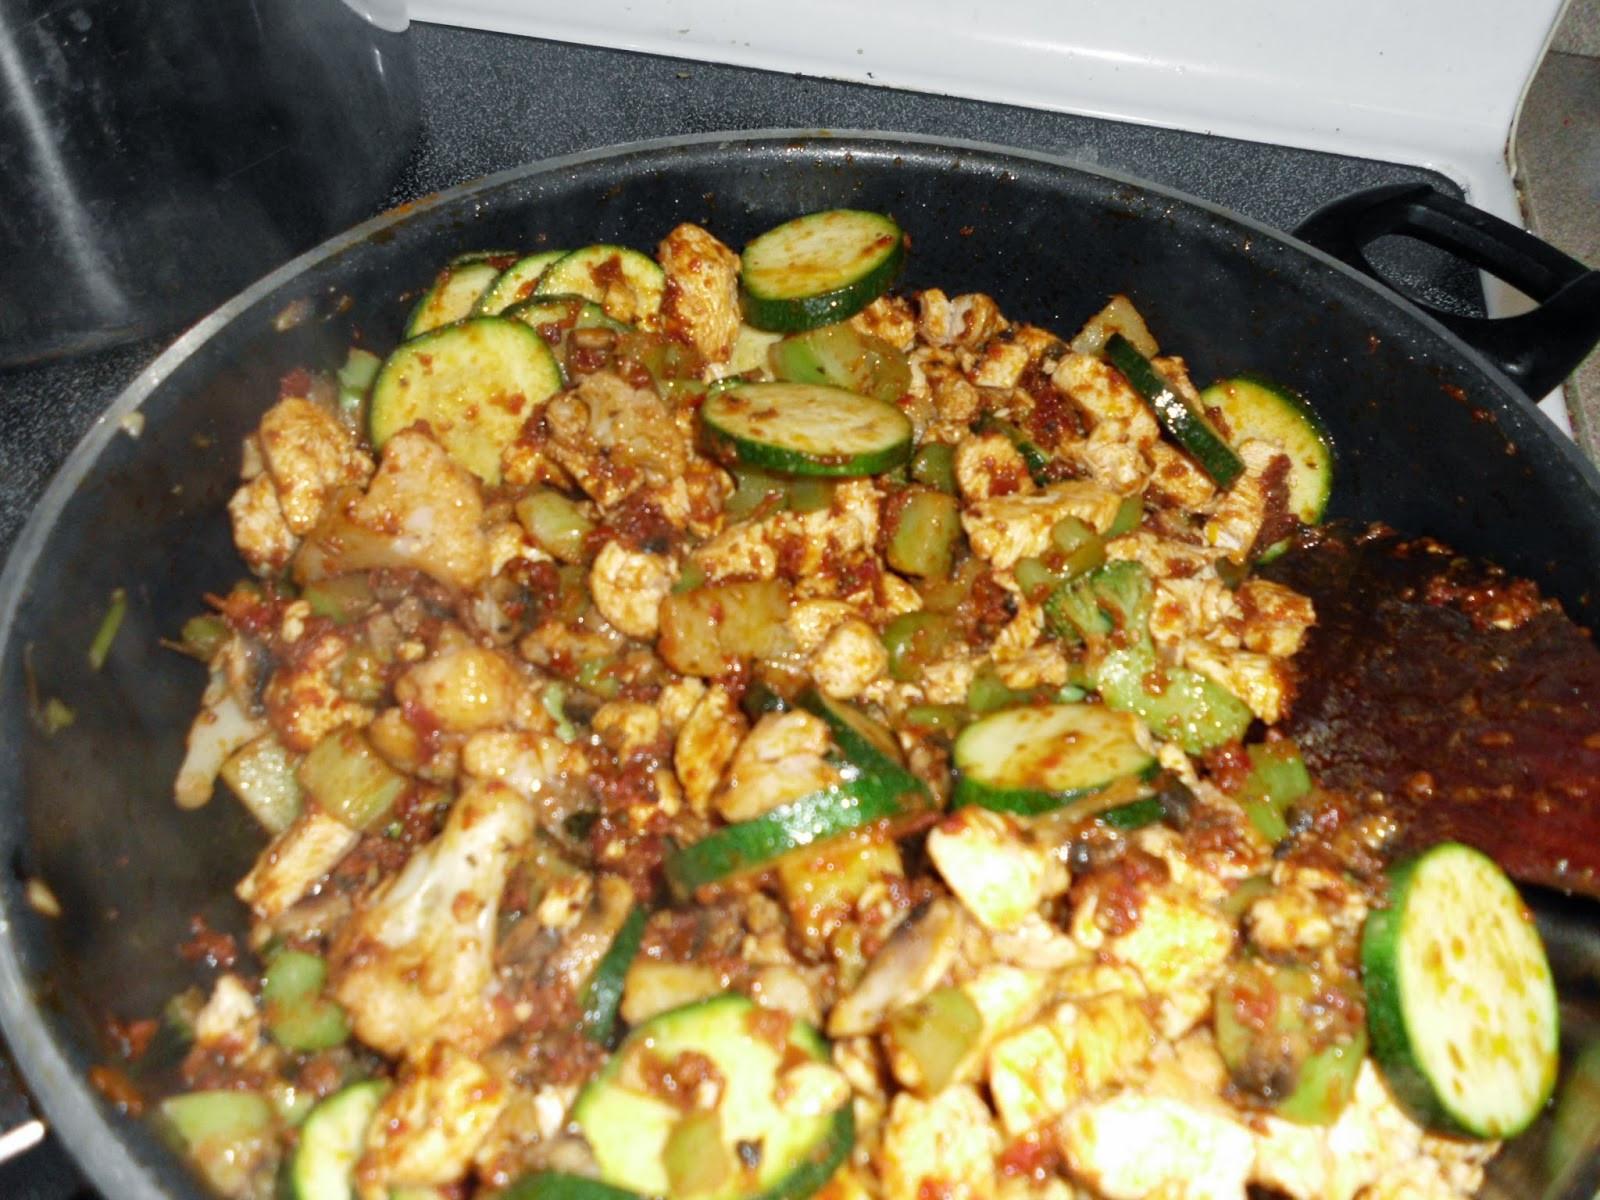 Mediterranean Dinner Recipe  A YEAR OF JUBILEE REVIEWS Mediterranean Chicken Dinner